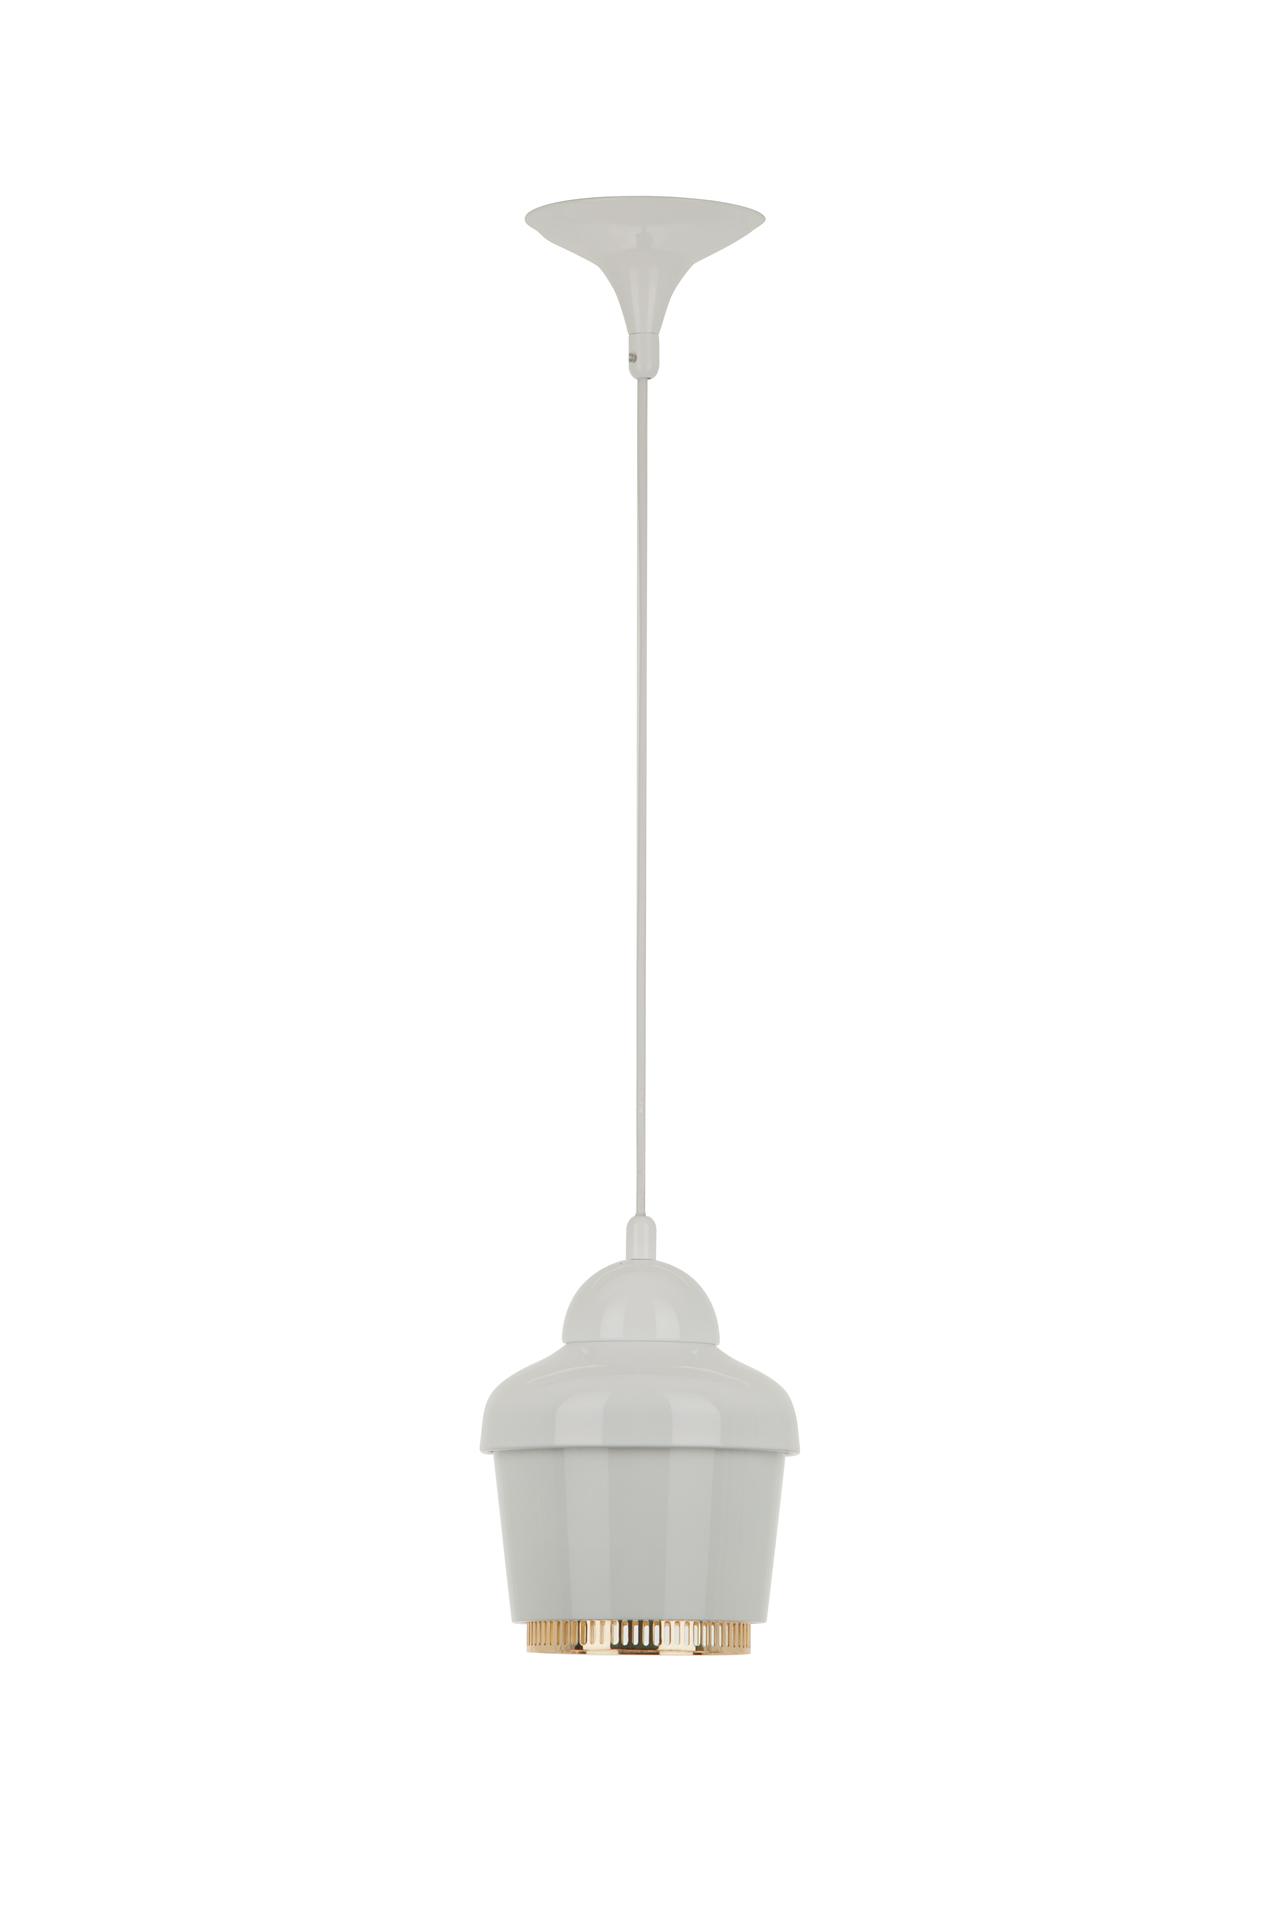 {} CRYSTAL LIGHT Светильник подвесной Yagodans Цвет: Белый (18х30 см) светильник подвесной maranga d32 белый